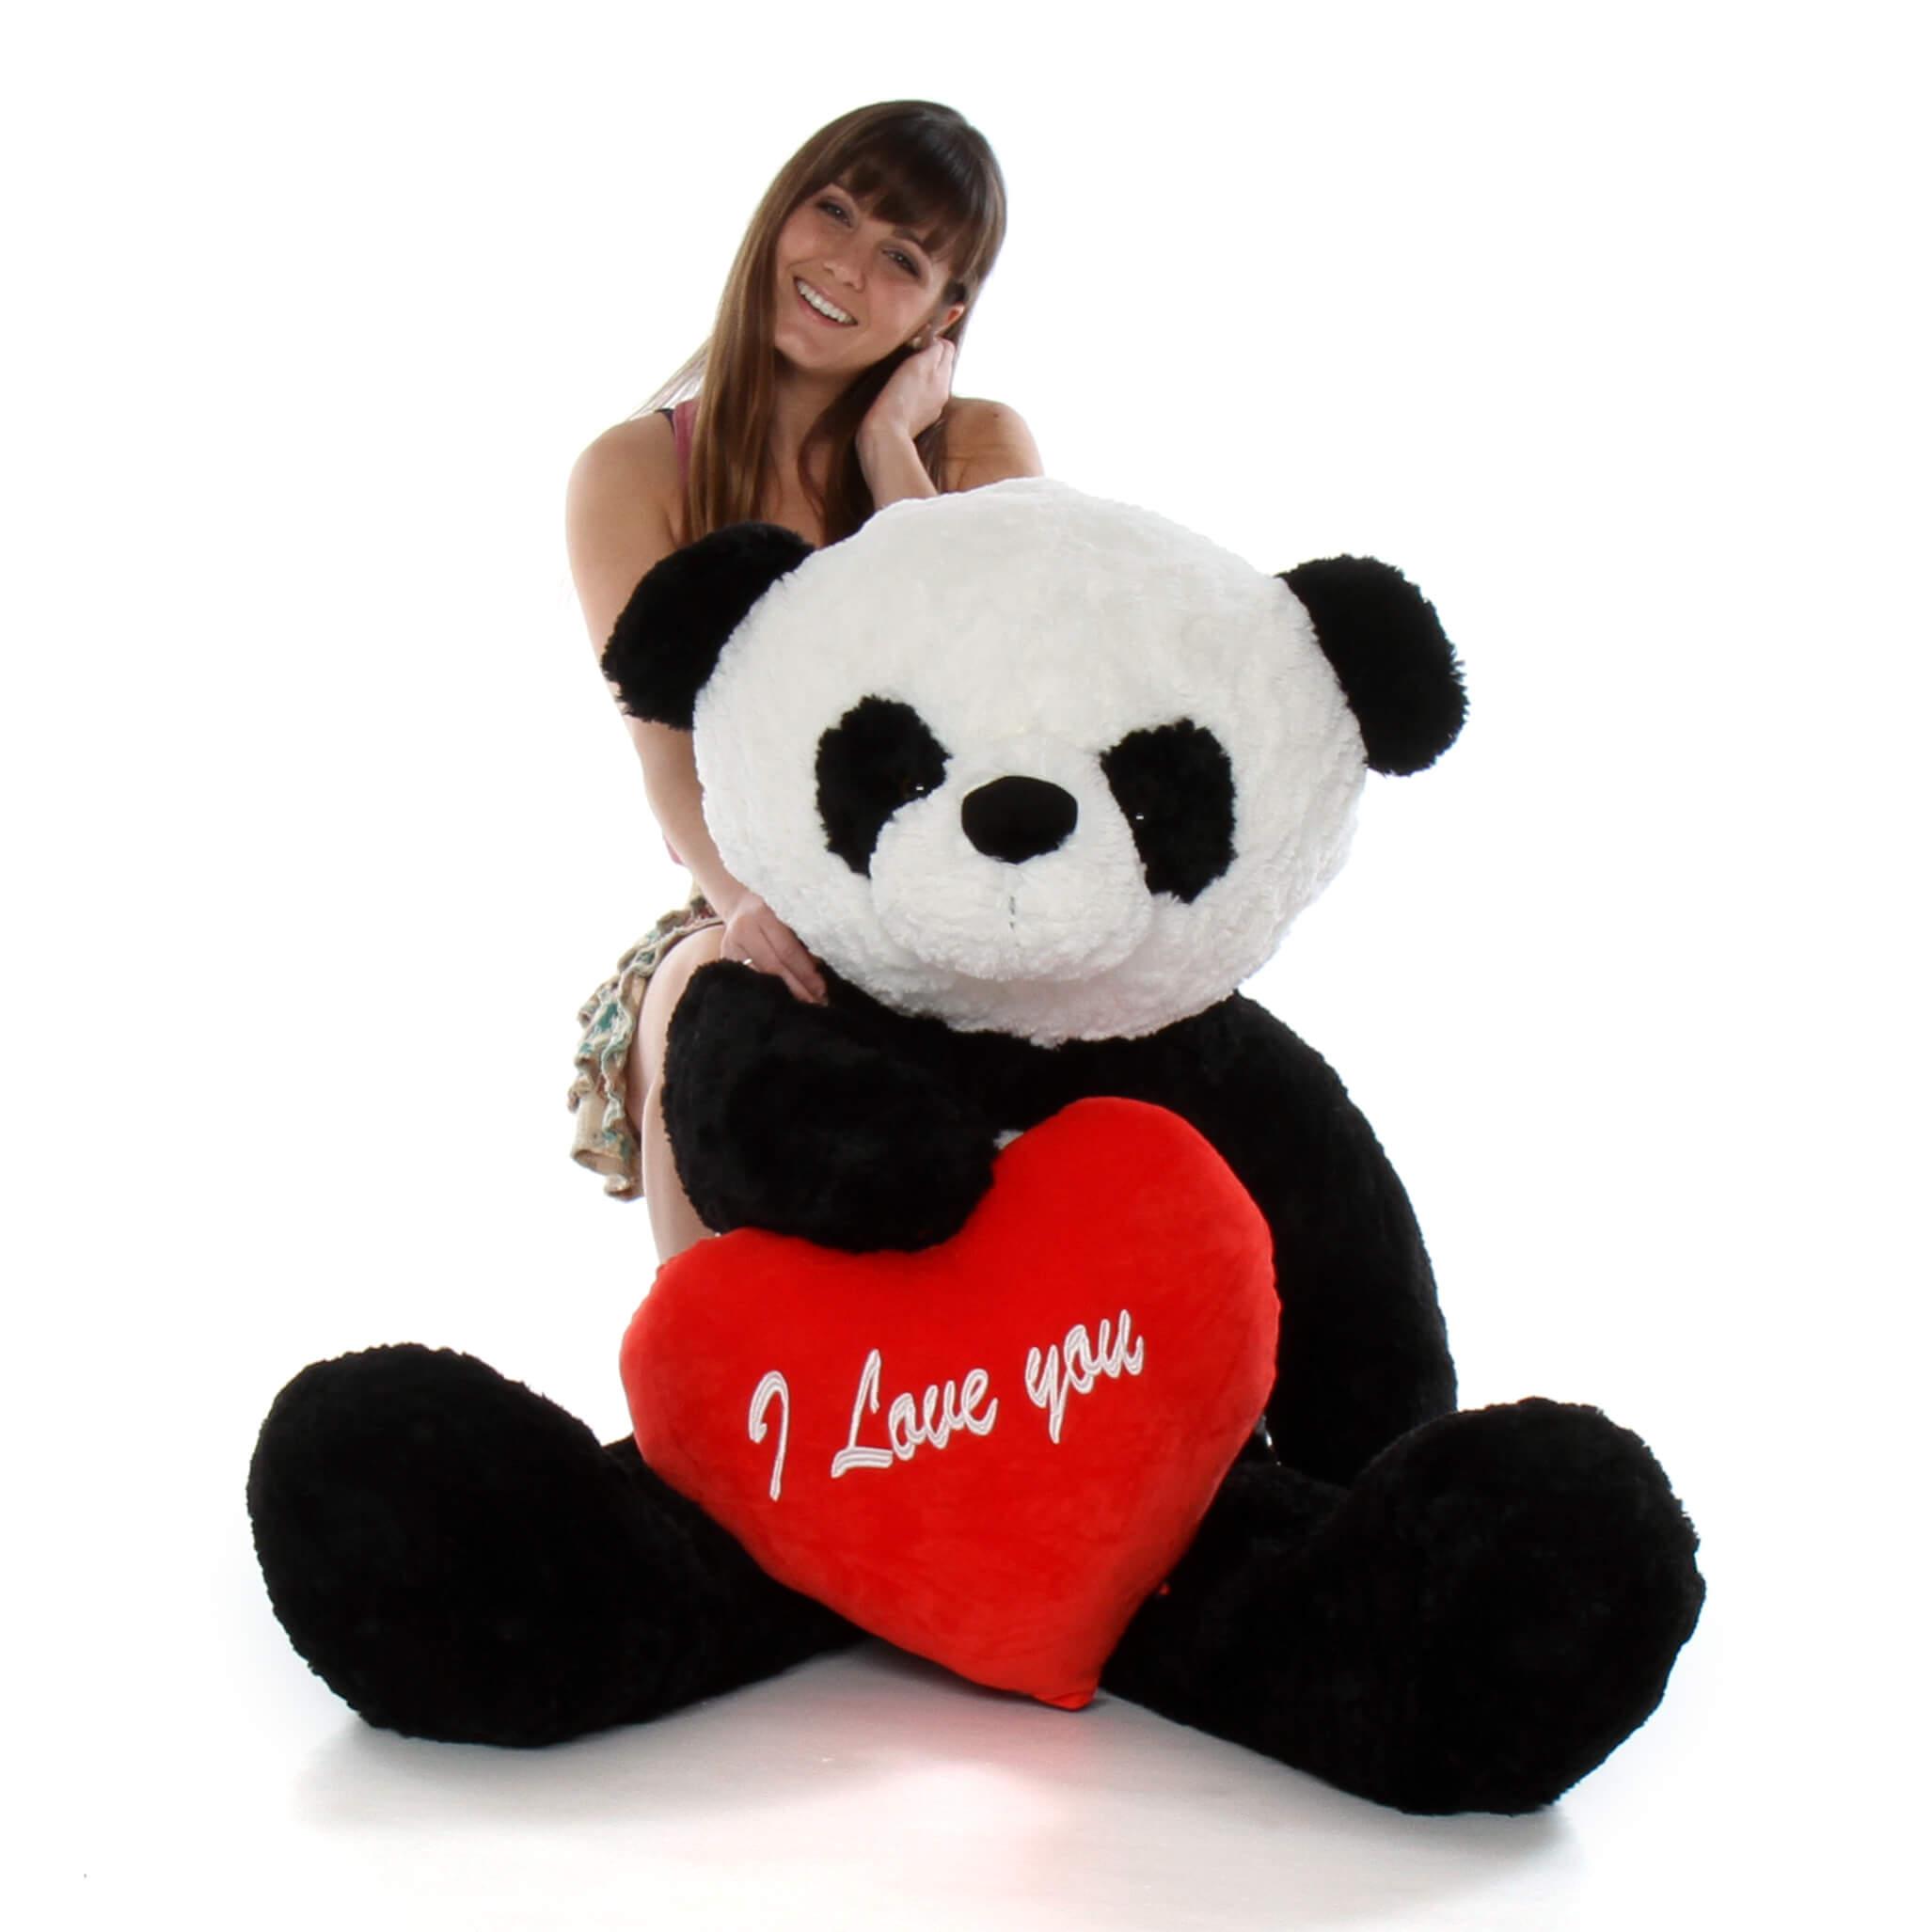 48in-panda-heart-1.jpg